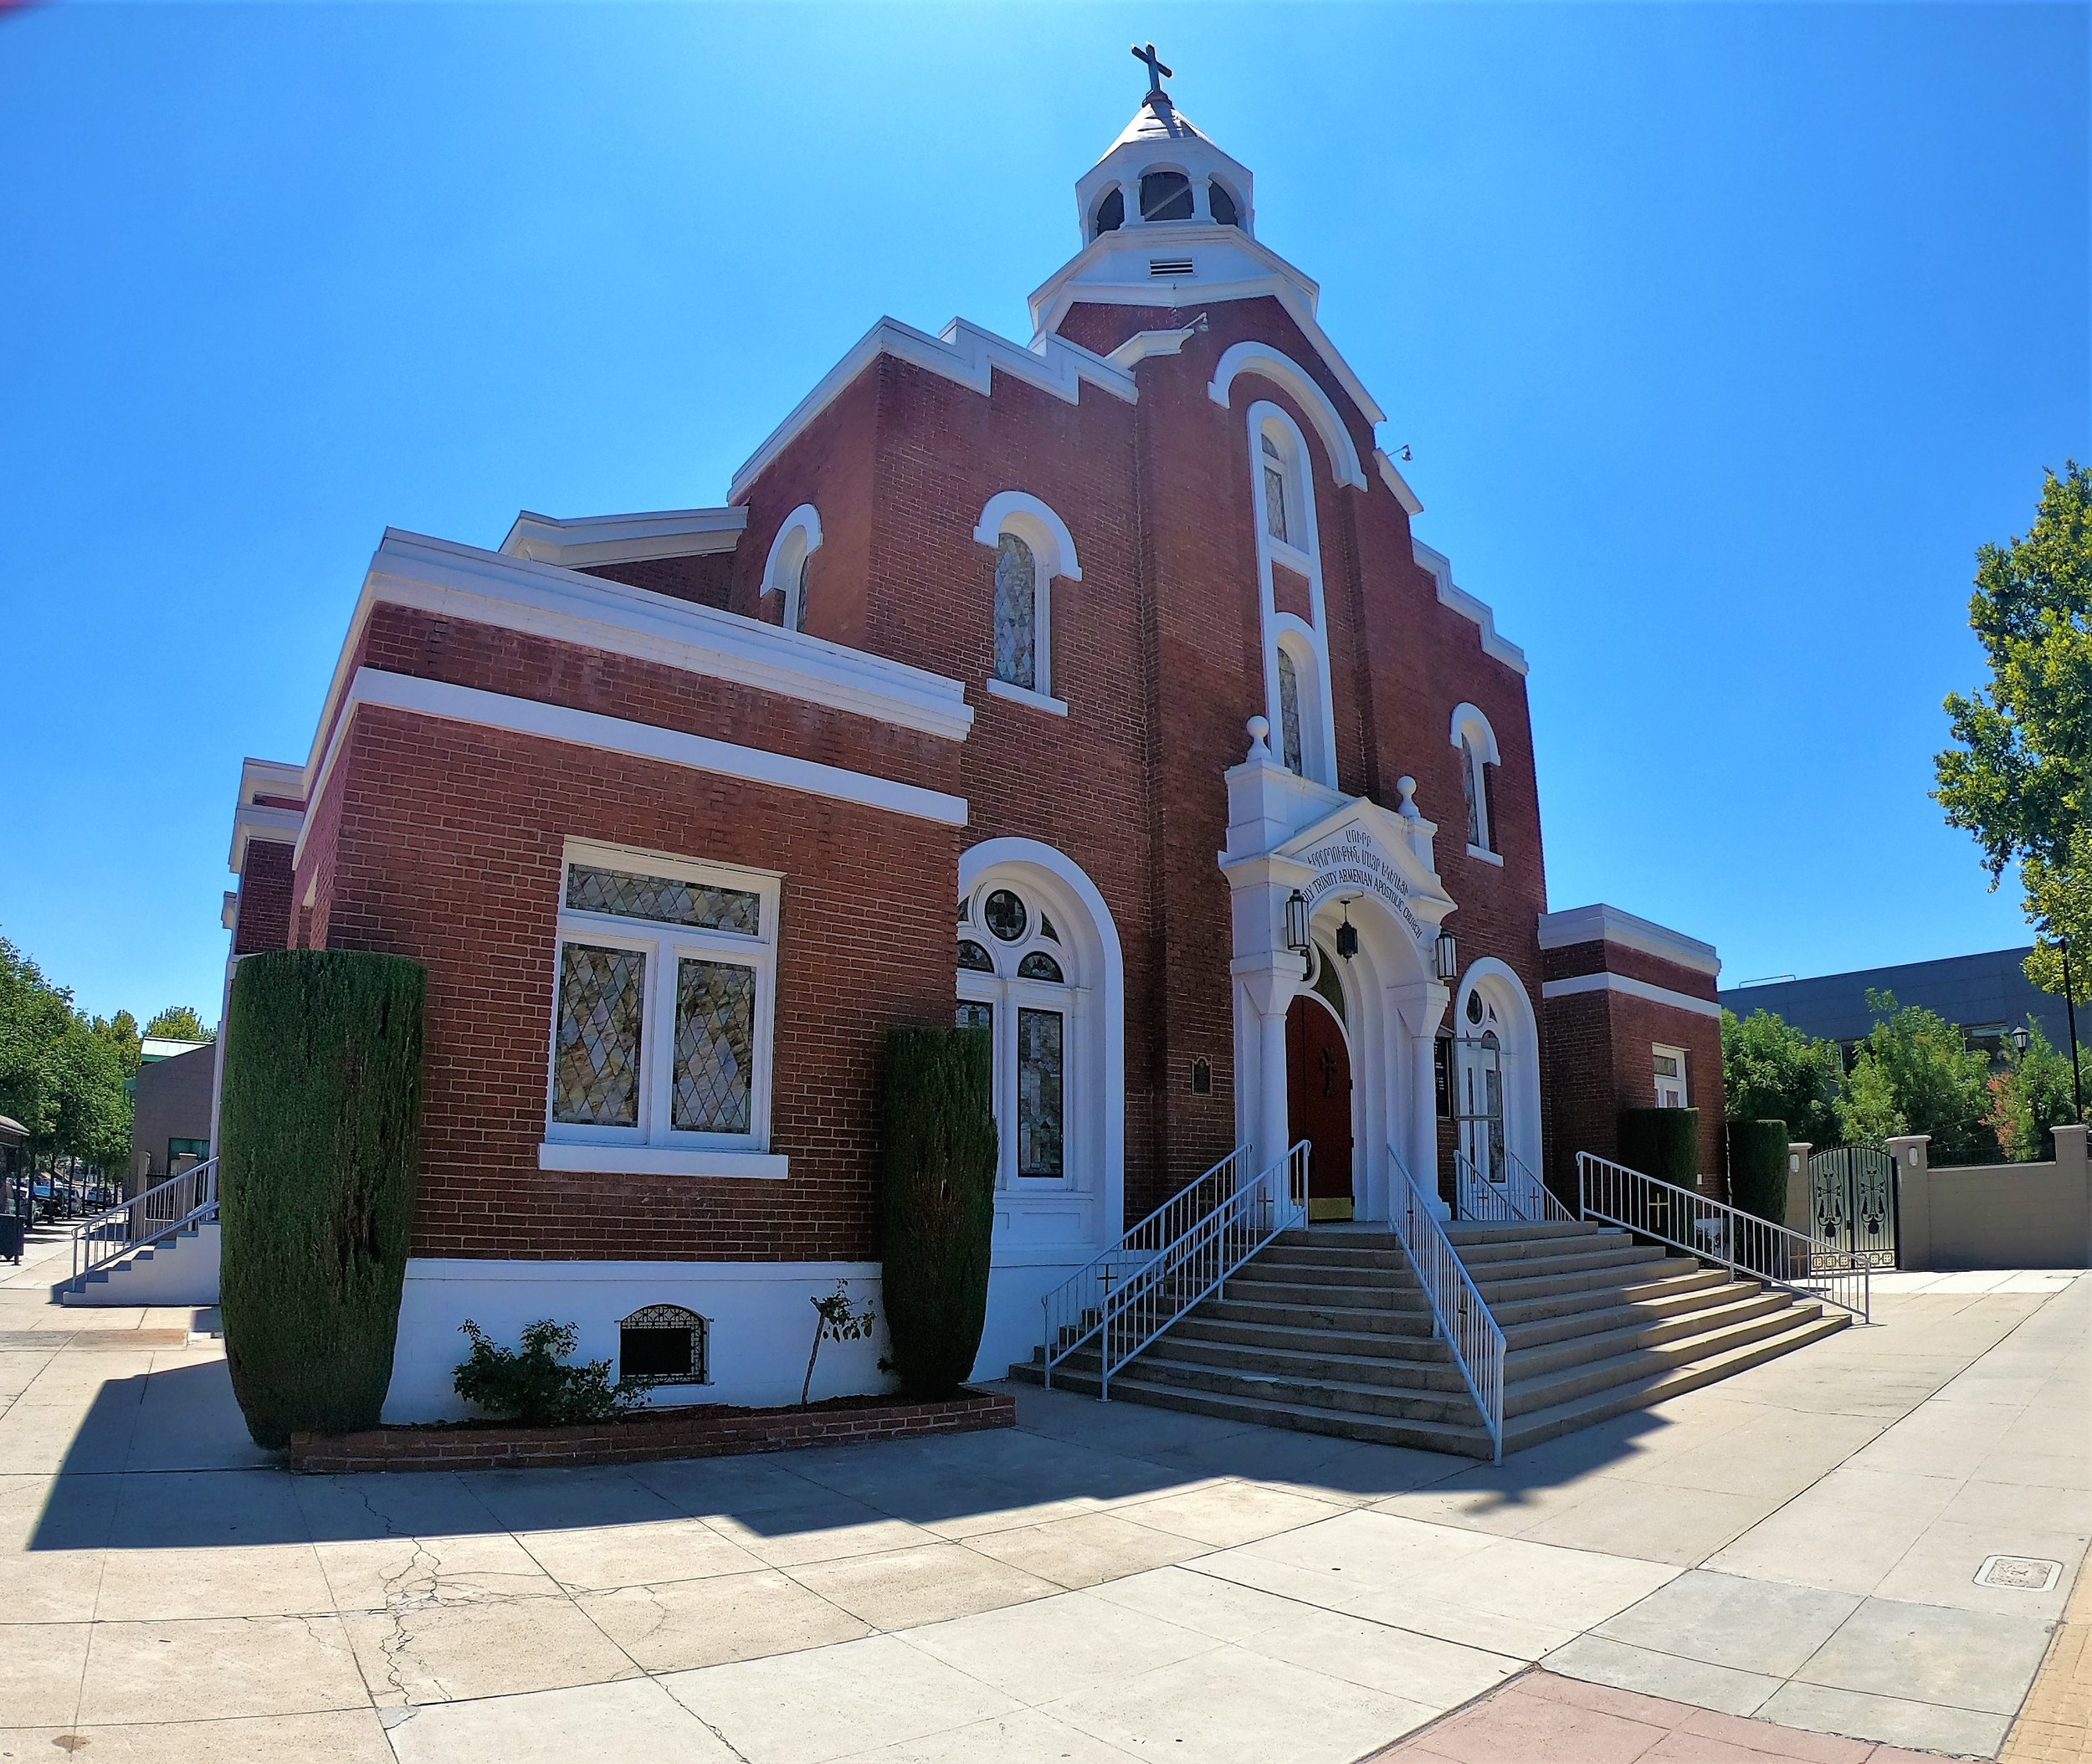 Holy Trinity Armenian Apostolic Church in Fresno, California